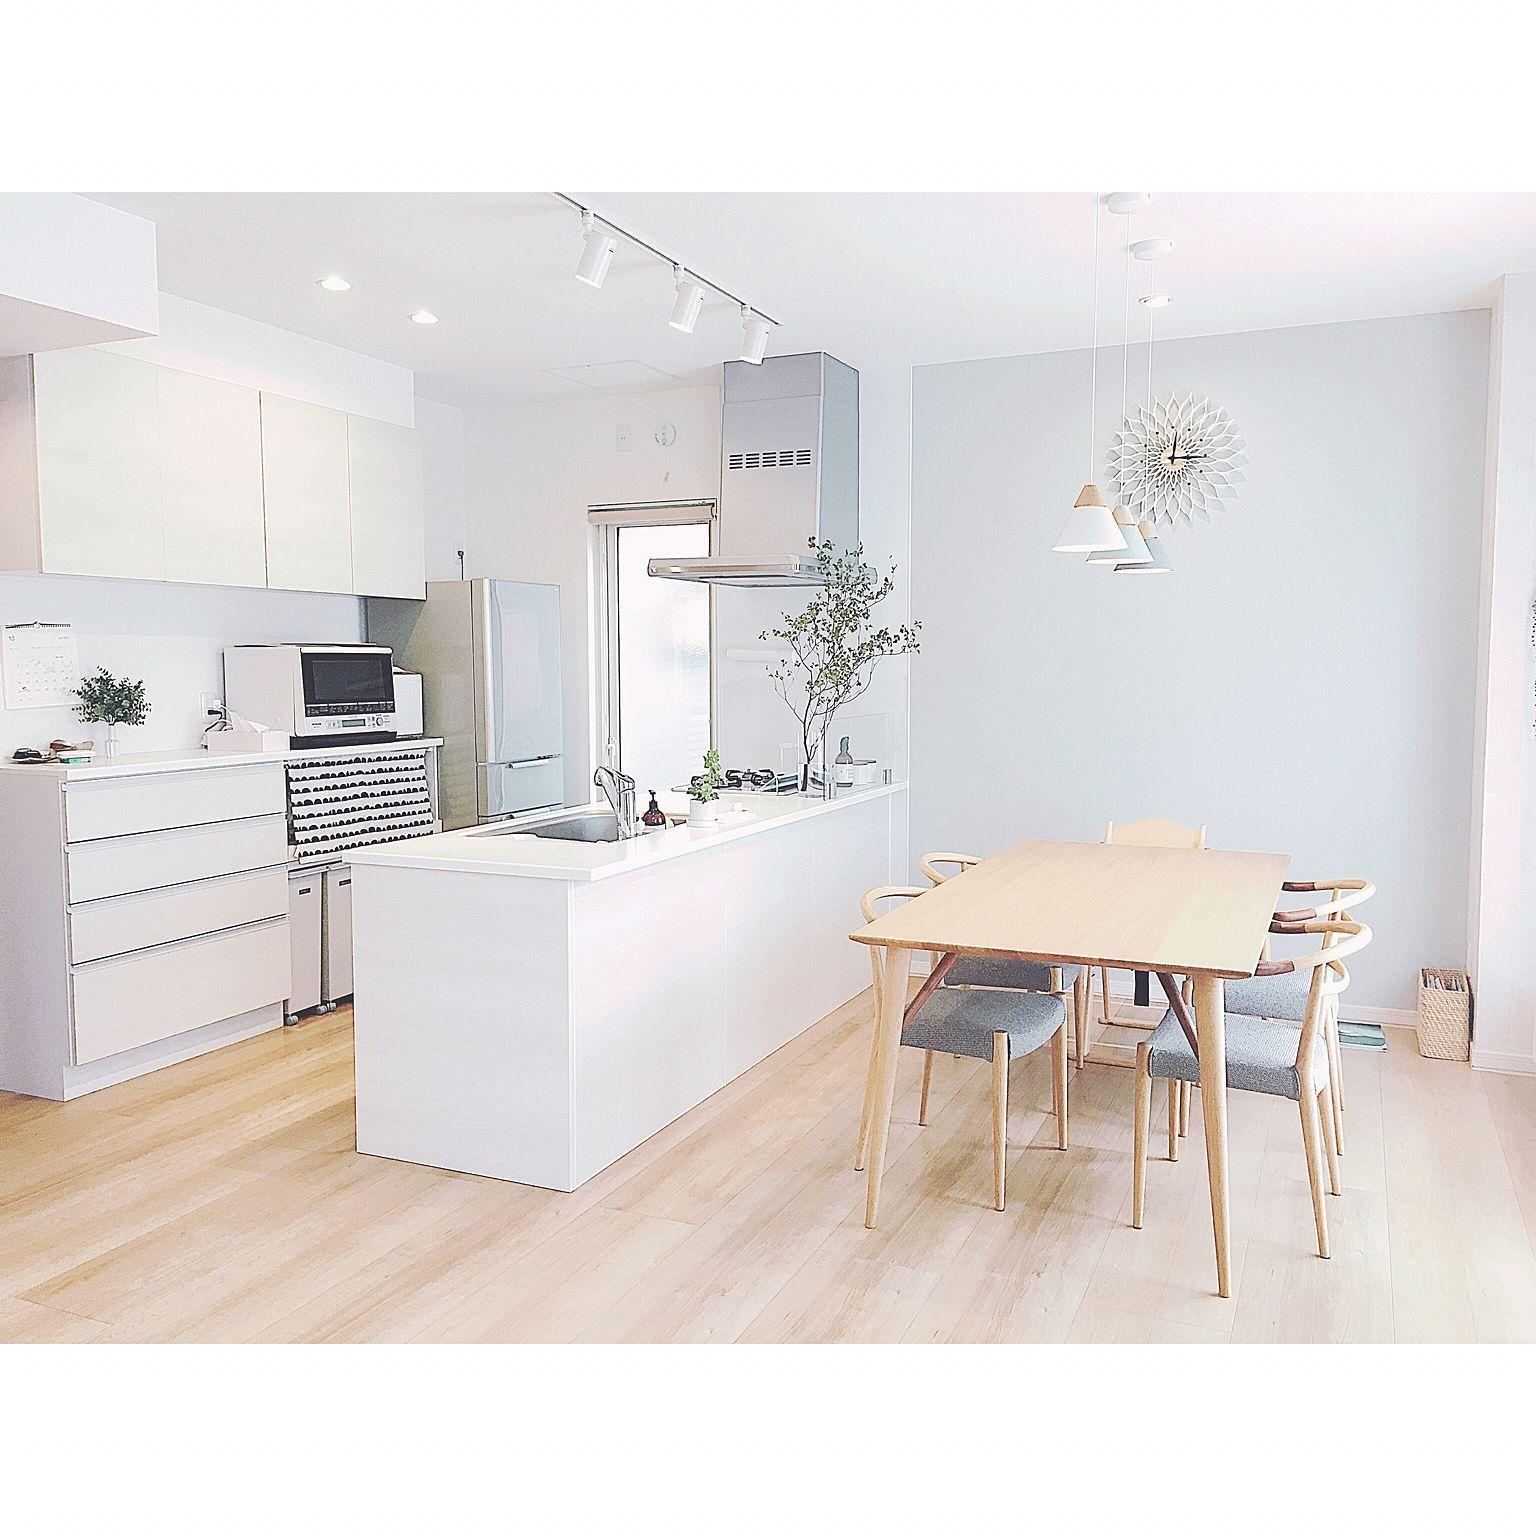 キッチン 北欧 ブルーグレー 壁紙 アクセントクロス などのインテリア実例 17 10 15 13 46 27 Roomclip ルームクリップ 和風の家の設計 無印良品の家 キッチンインテリアデザイン